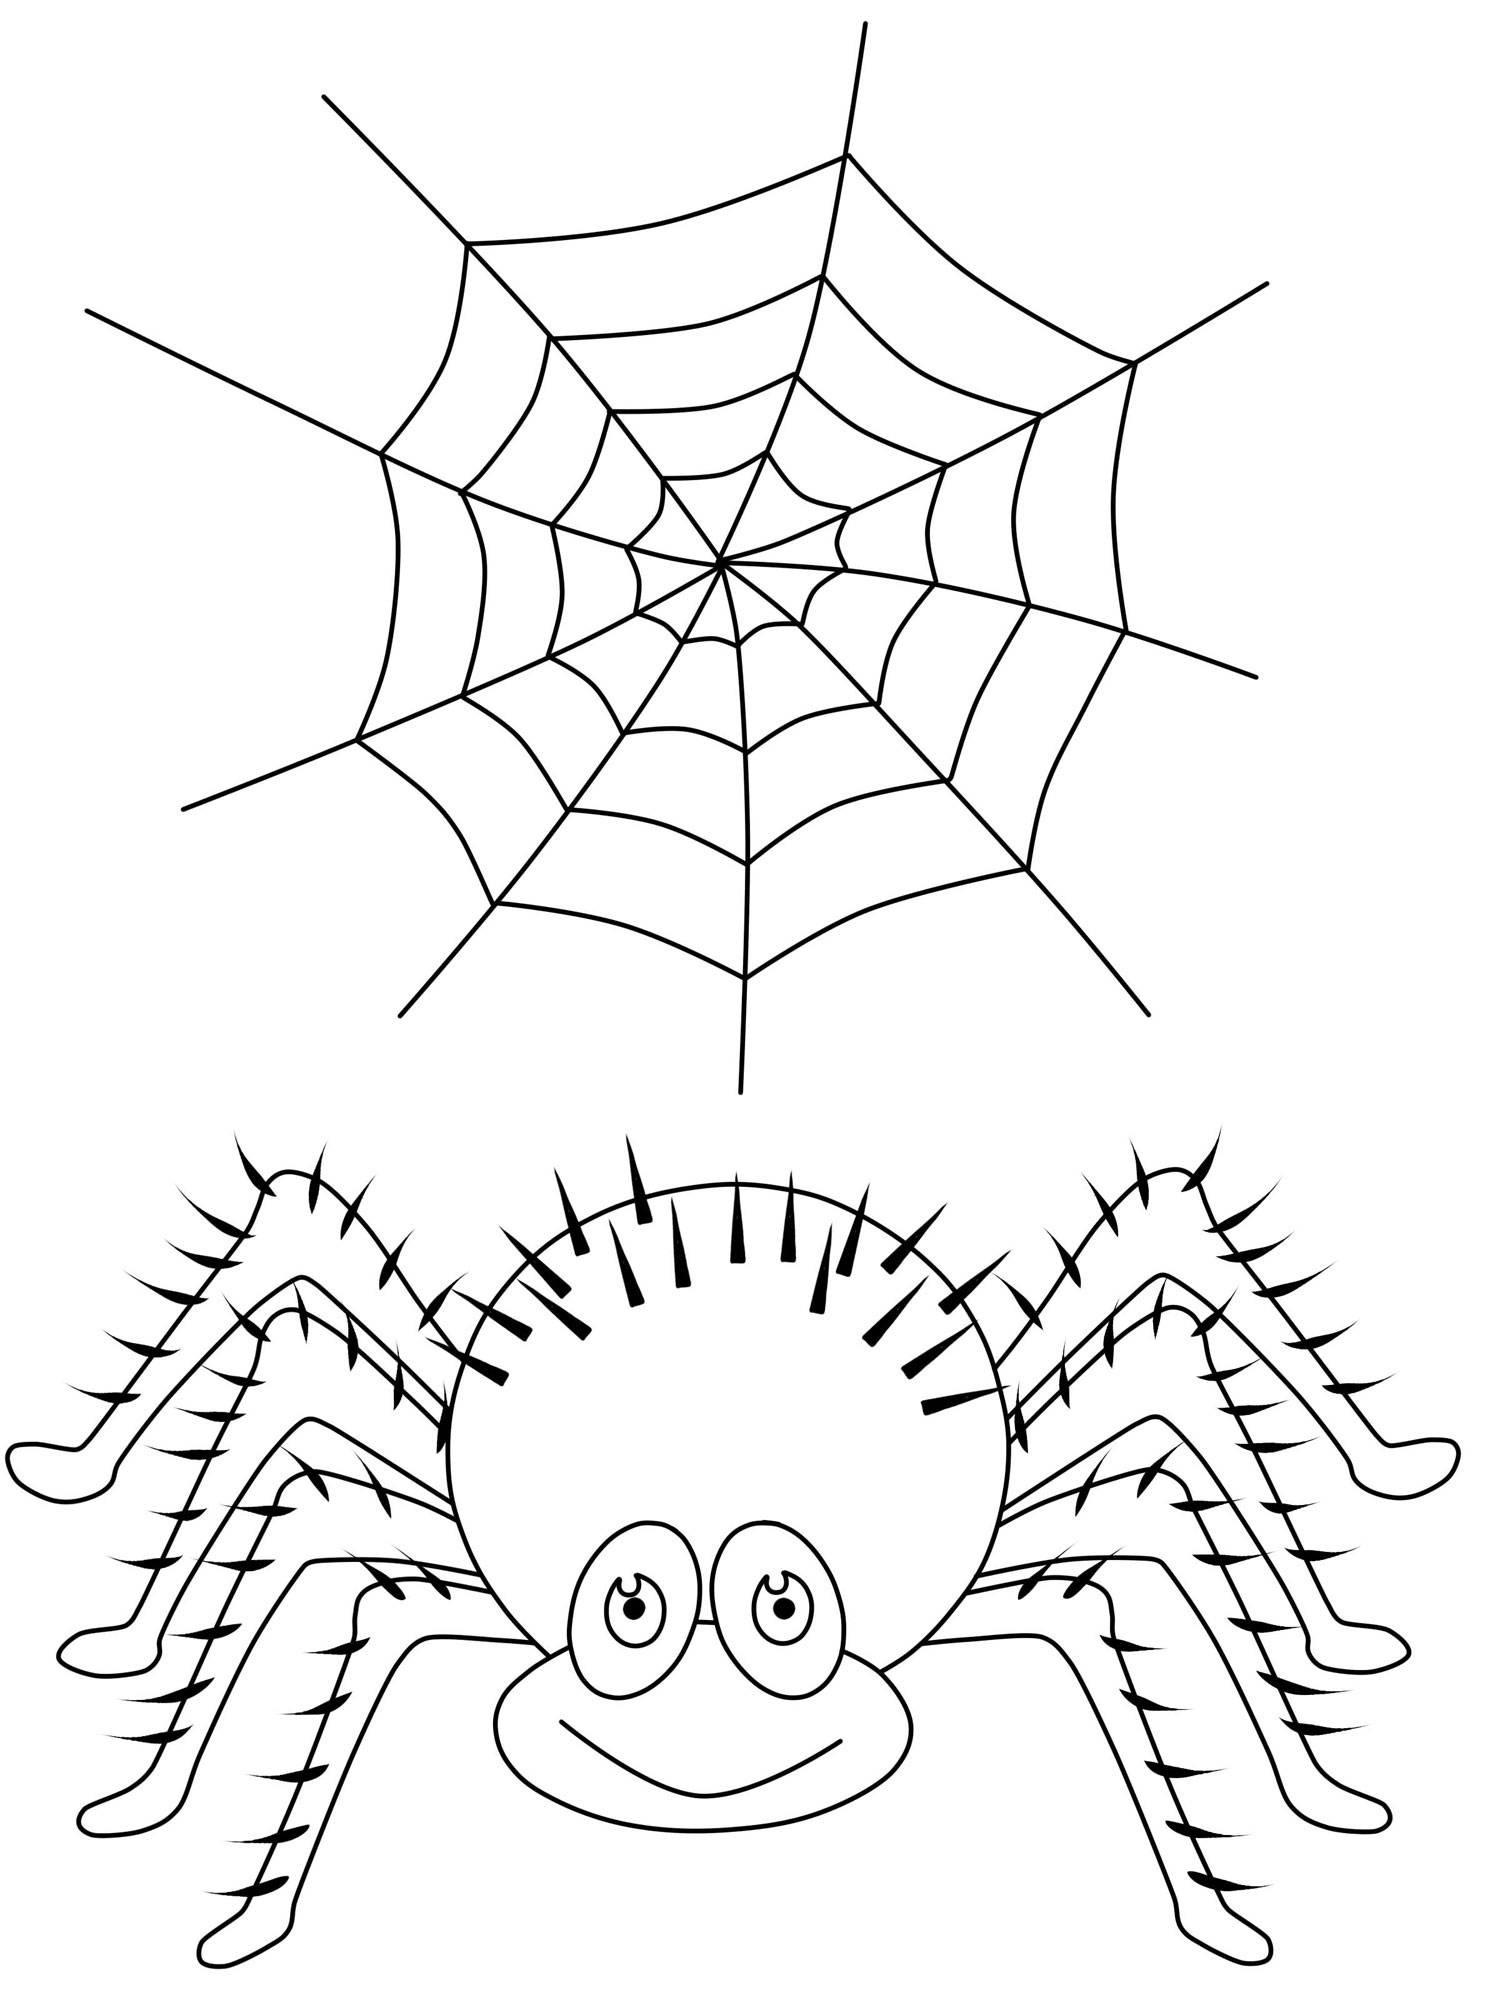 Spinnennetz Mit Spinne Malvorlage Genial Halloween Malvorlagen Katze In Einem Hut Halloween Kürbis Bild